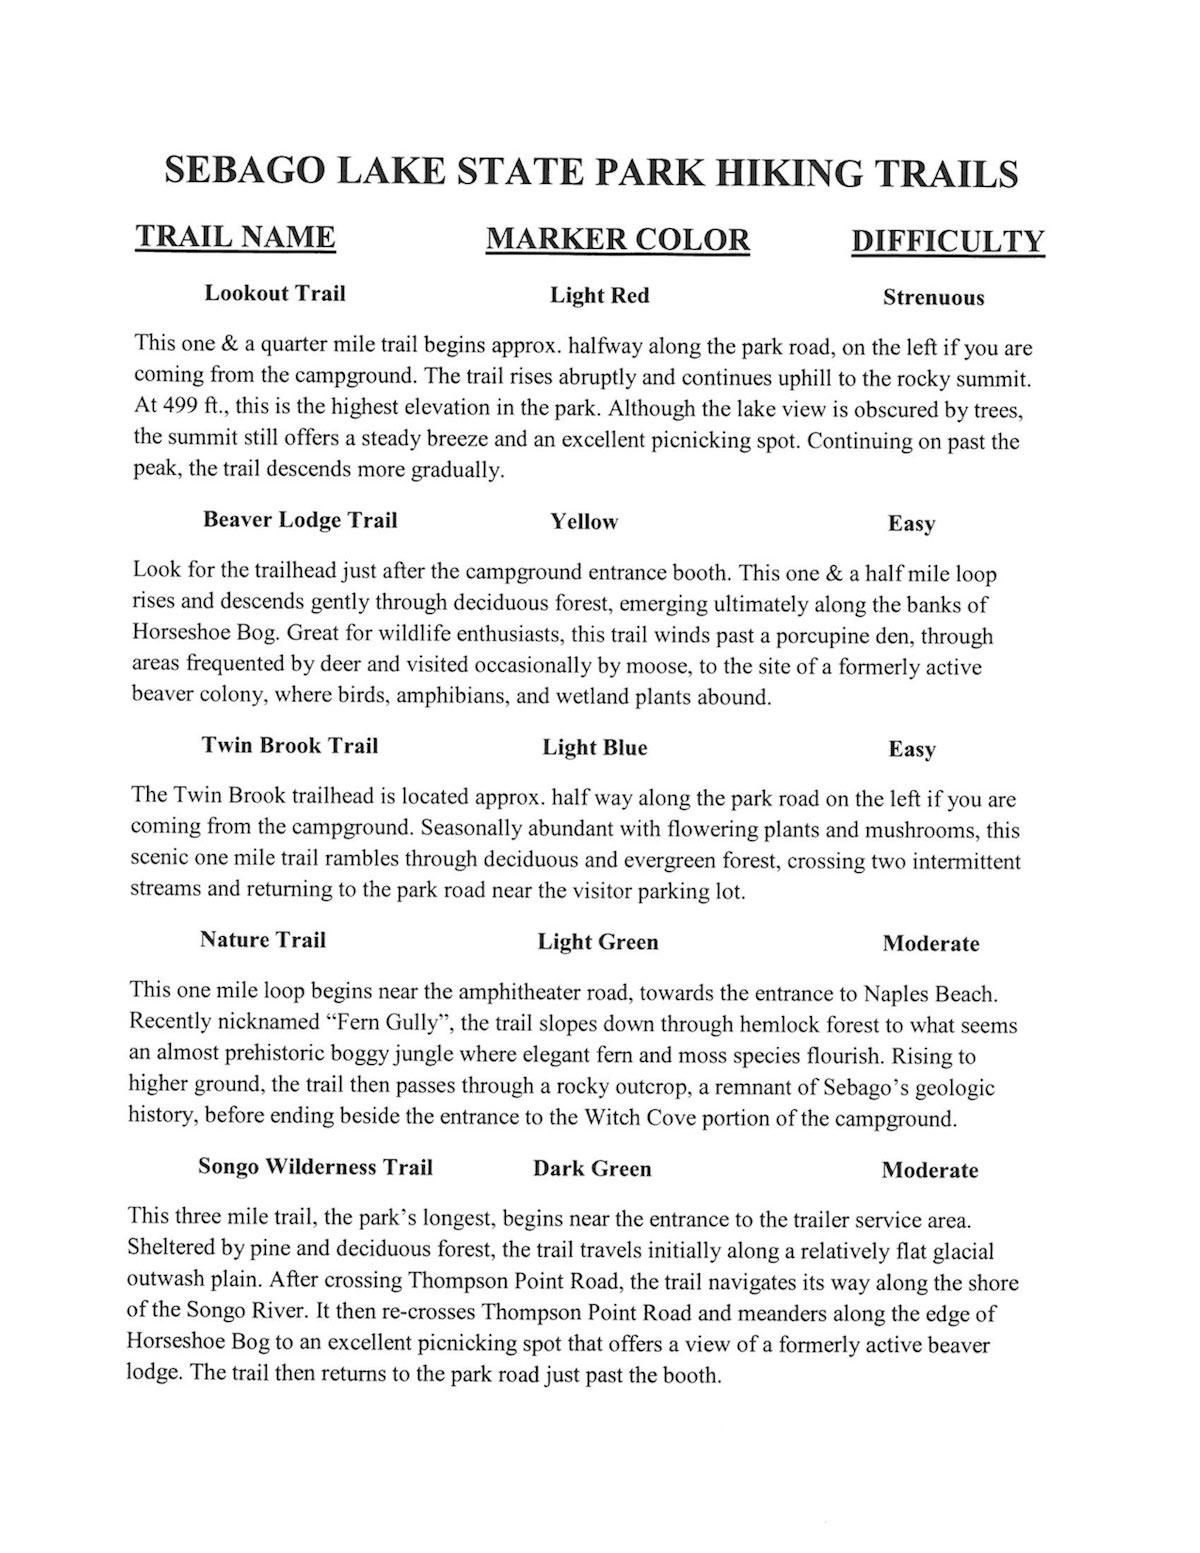 trail-descriptions